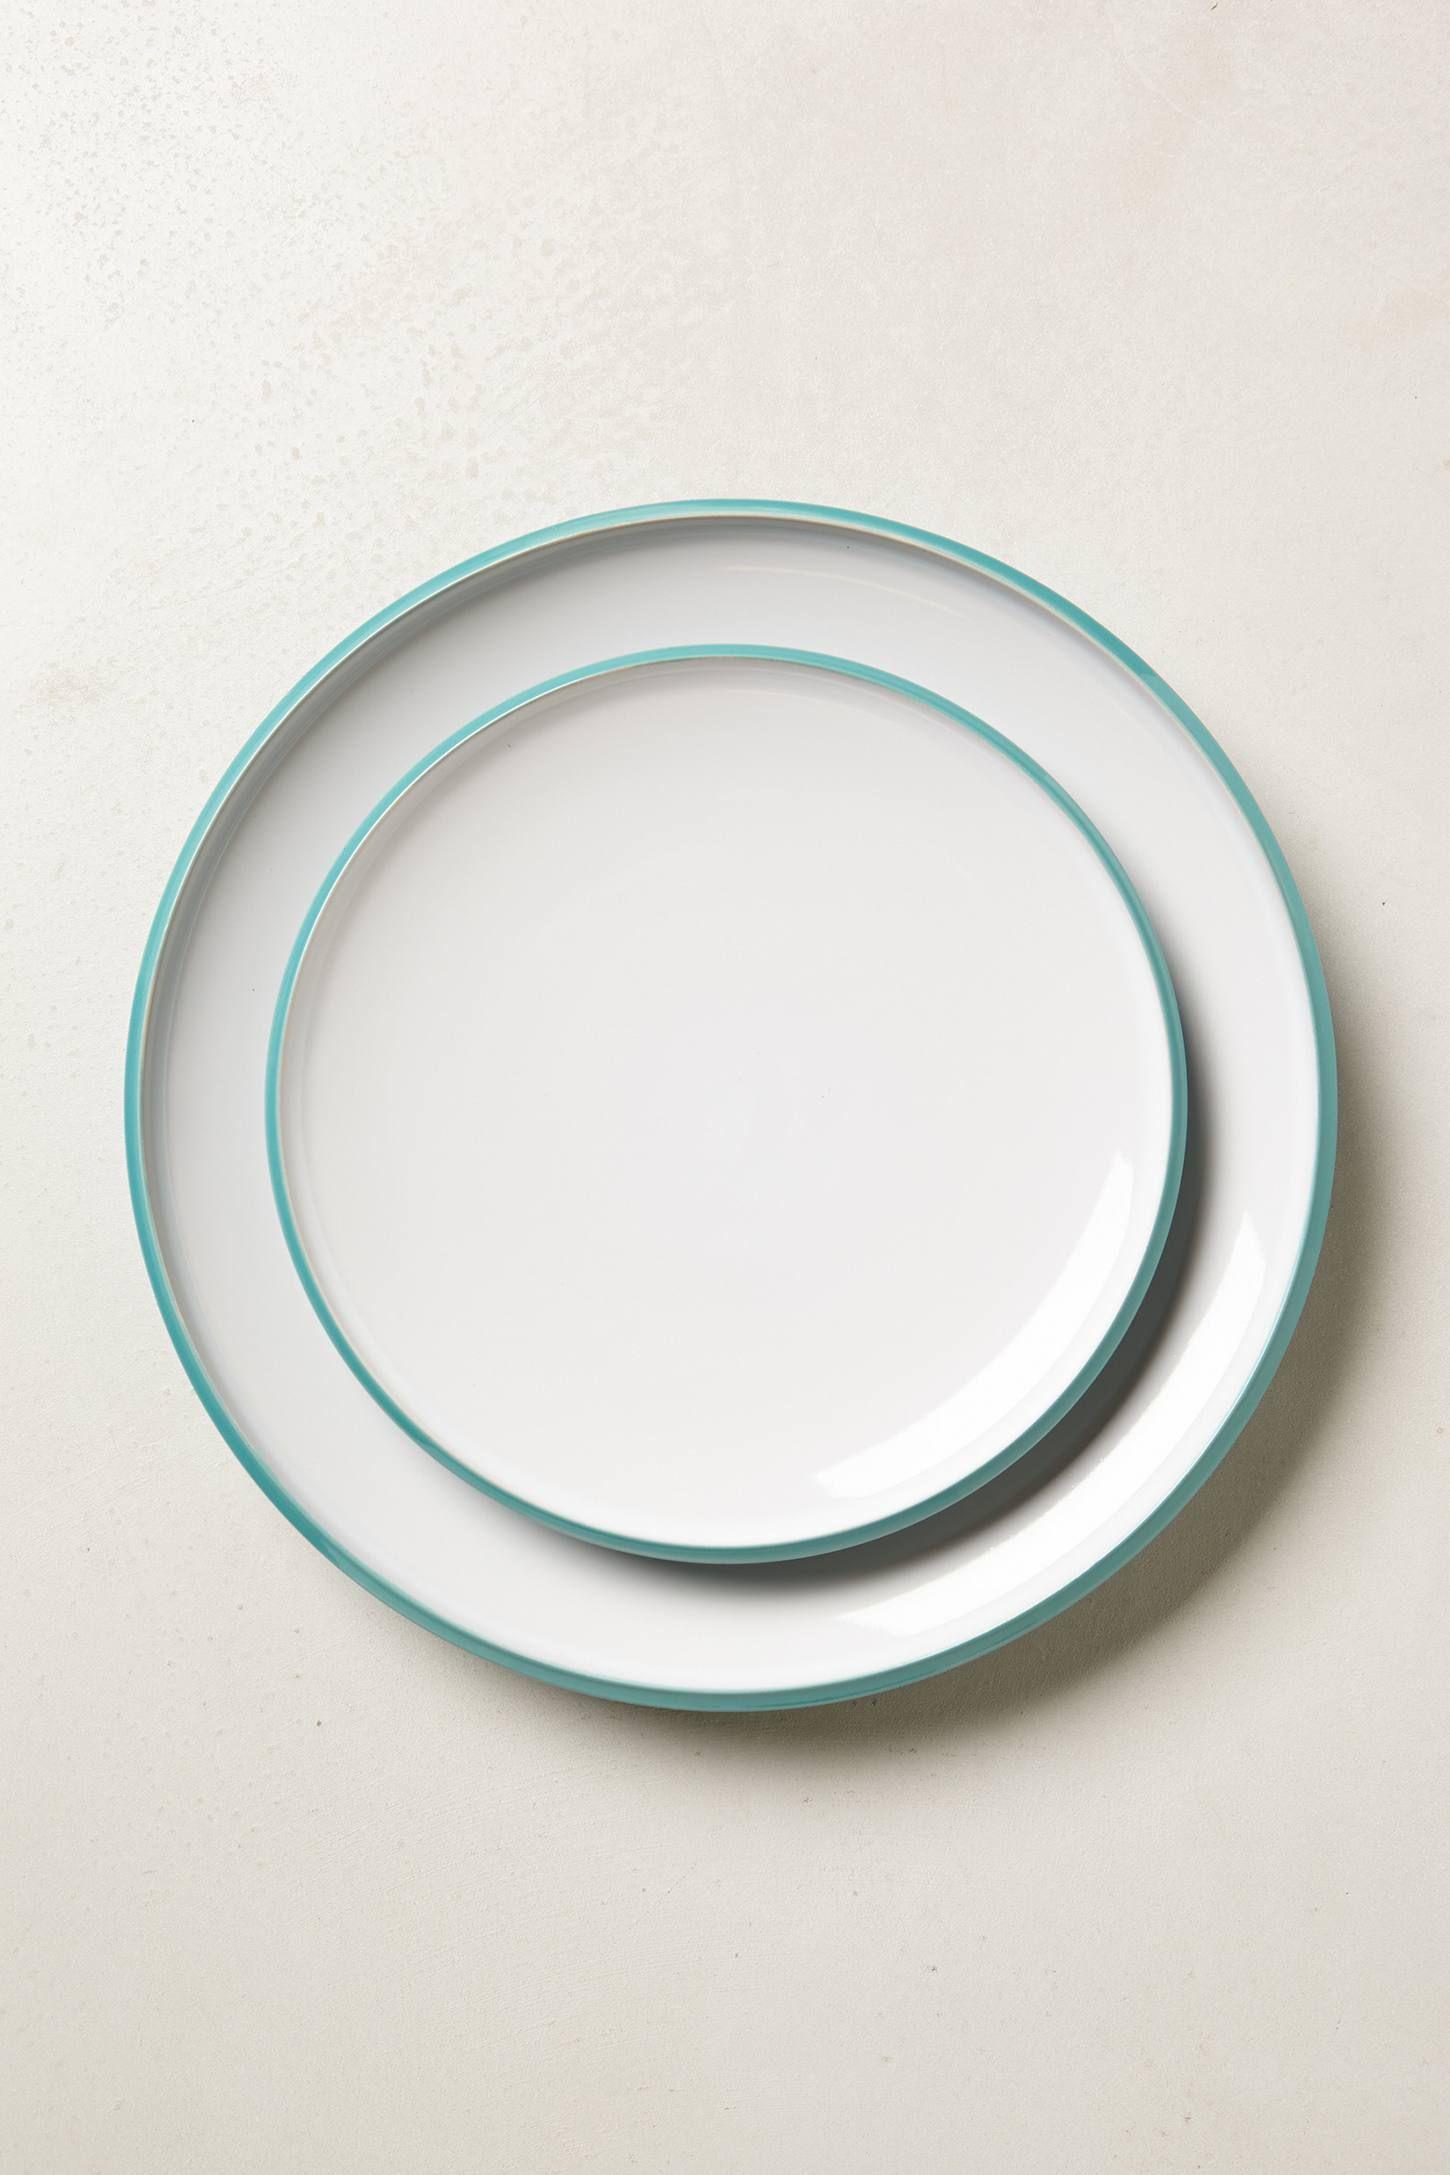 Kobenstyle Dinner Plate - anthropologie.com & Kobenstyle Dinner Plate - anthropologie.com | Lovely Things for the ...